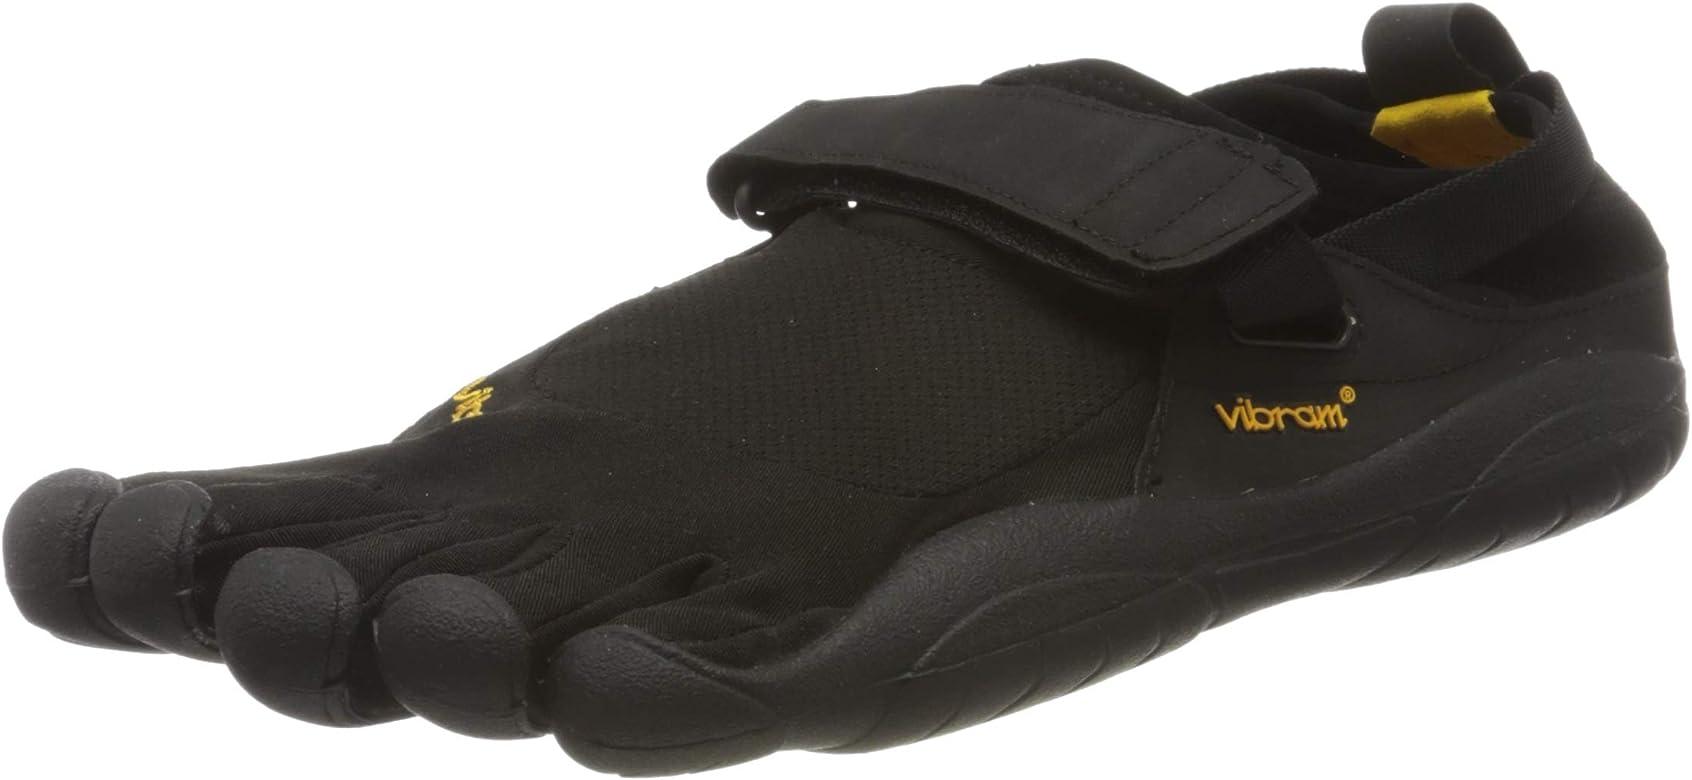 Vibram Five Fingers Kso - Zapatillas con dedos para hombre, Negro, 40 EU: Amazon.es: Zapatos y complementos